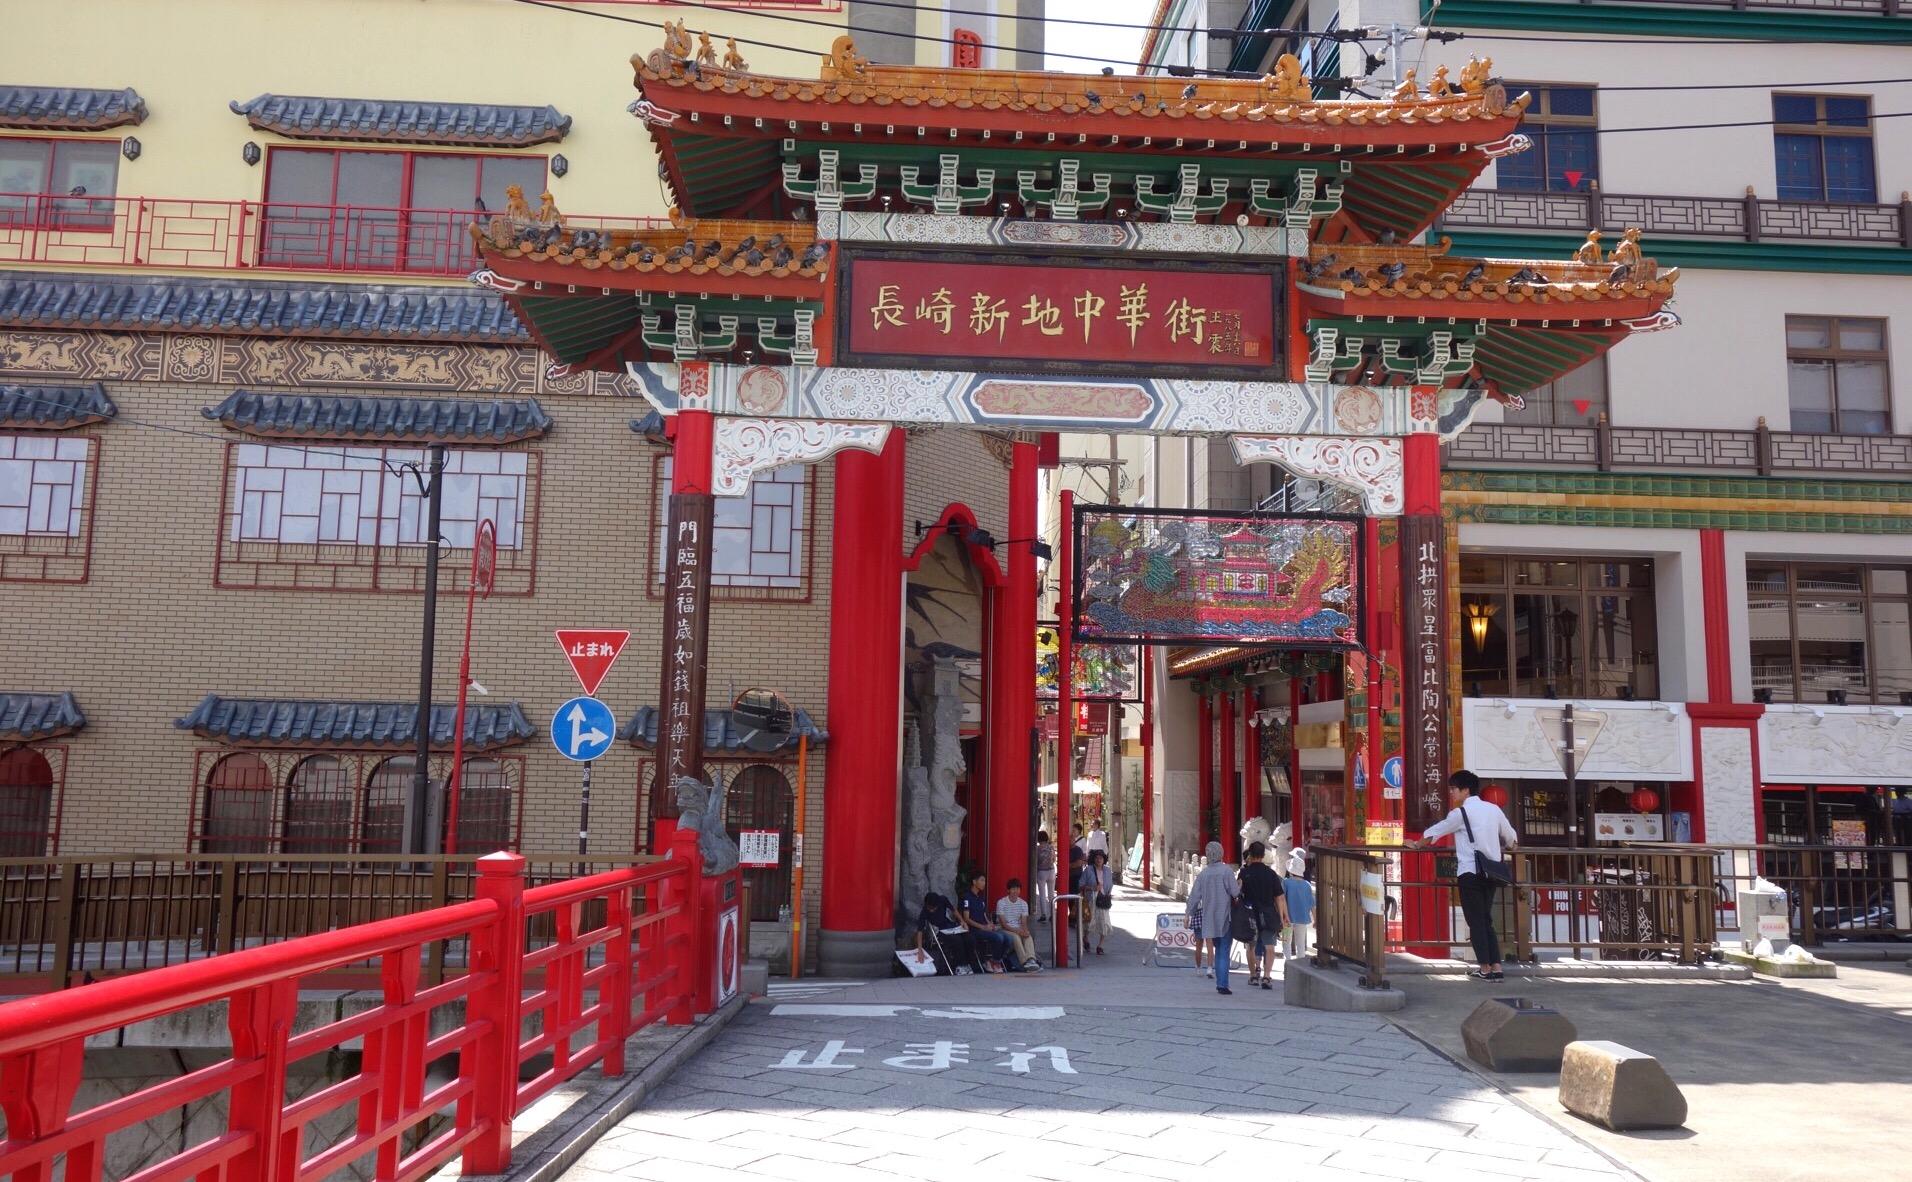 長崎・新地 中華街の門(撮影:中野龍三)。